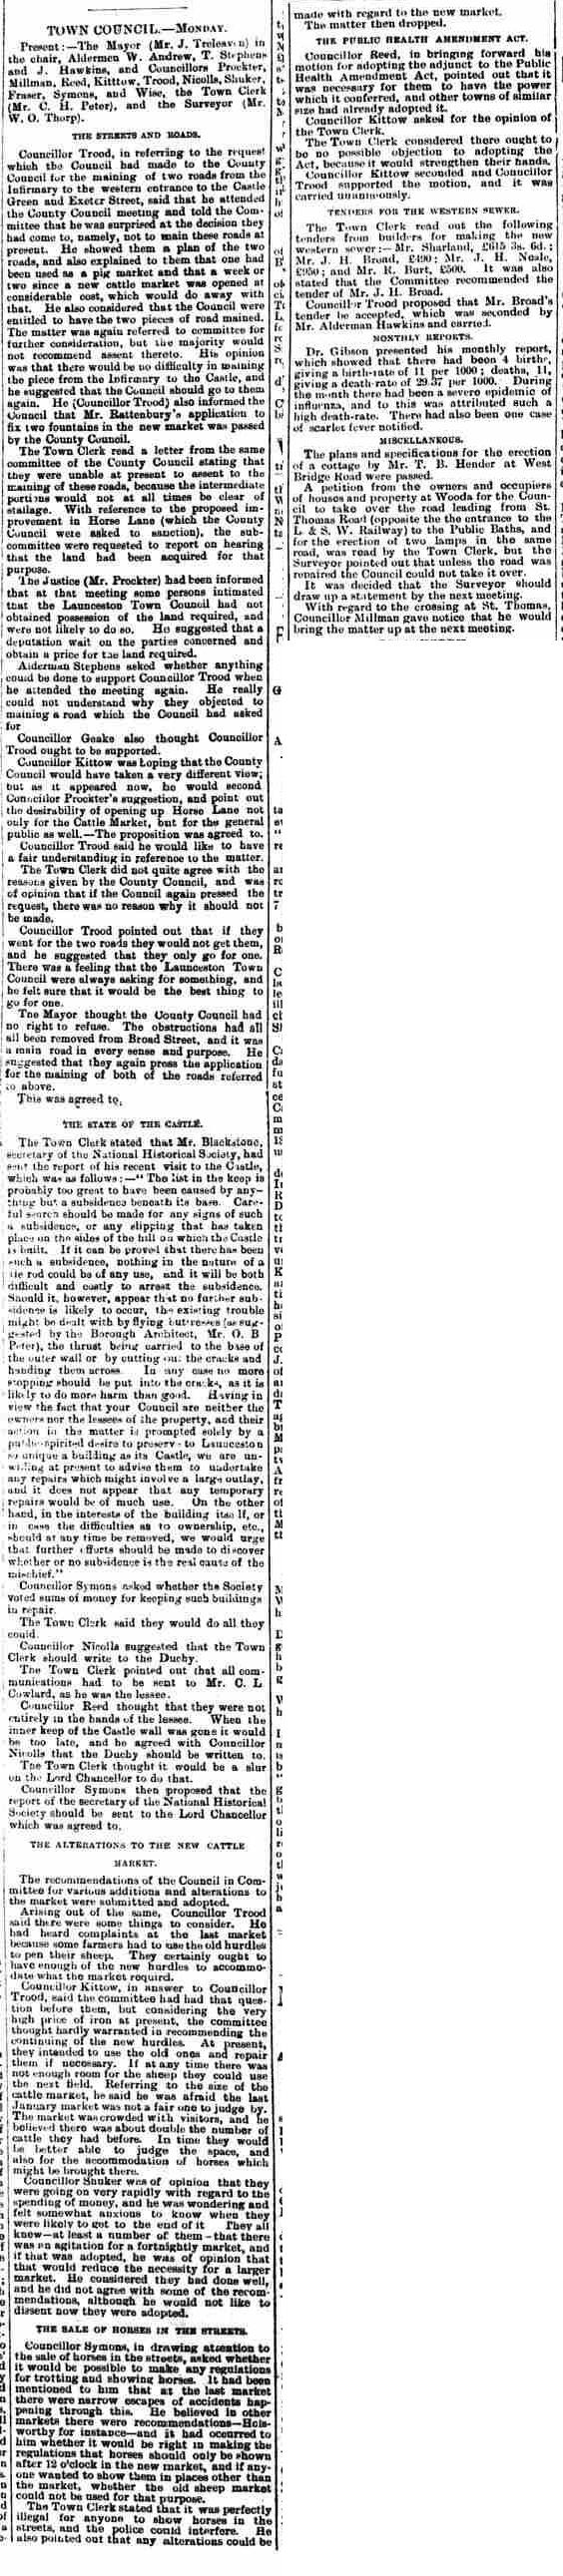 17 February 1900